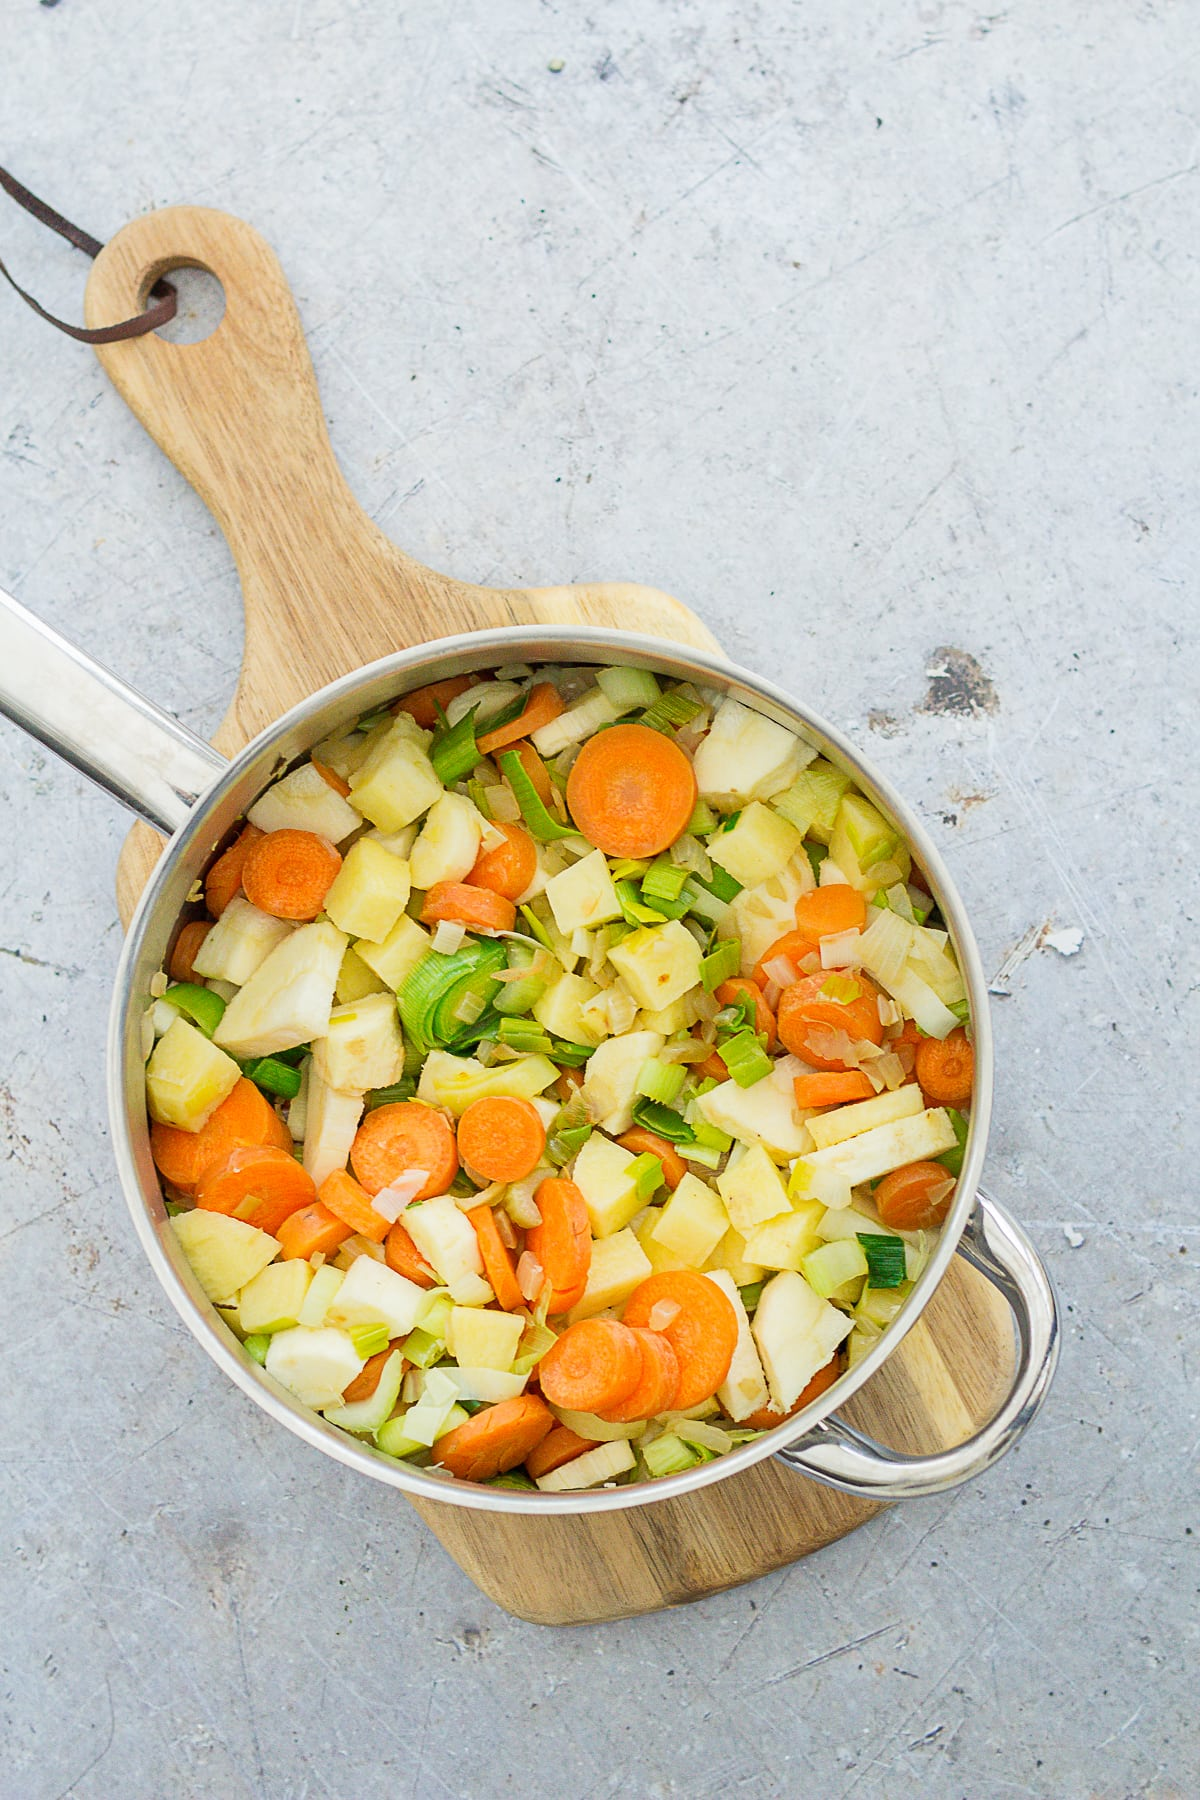 Easy Peasy Vegetable Soup ingredients in a pan